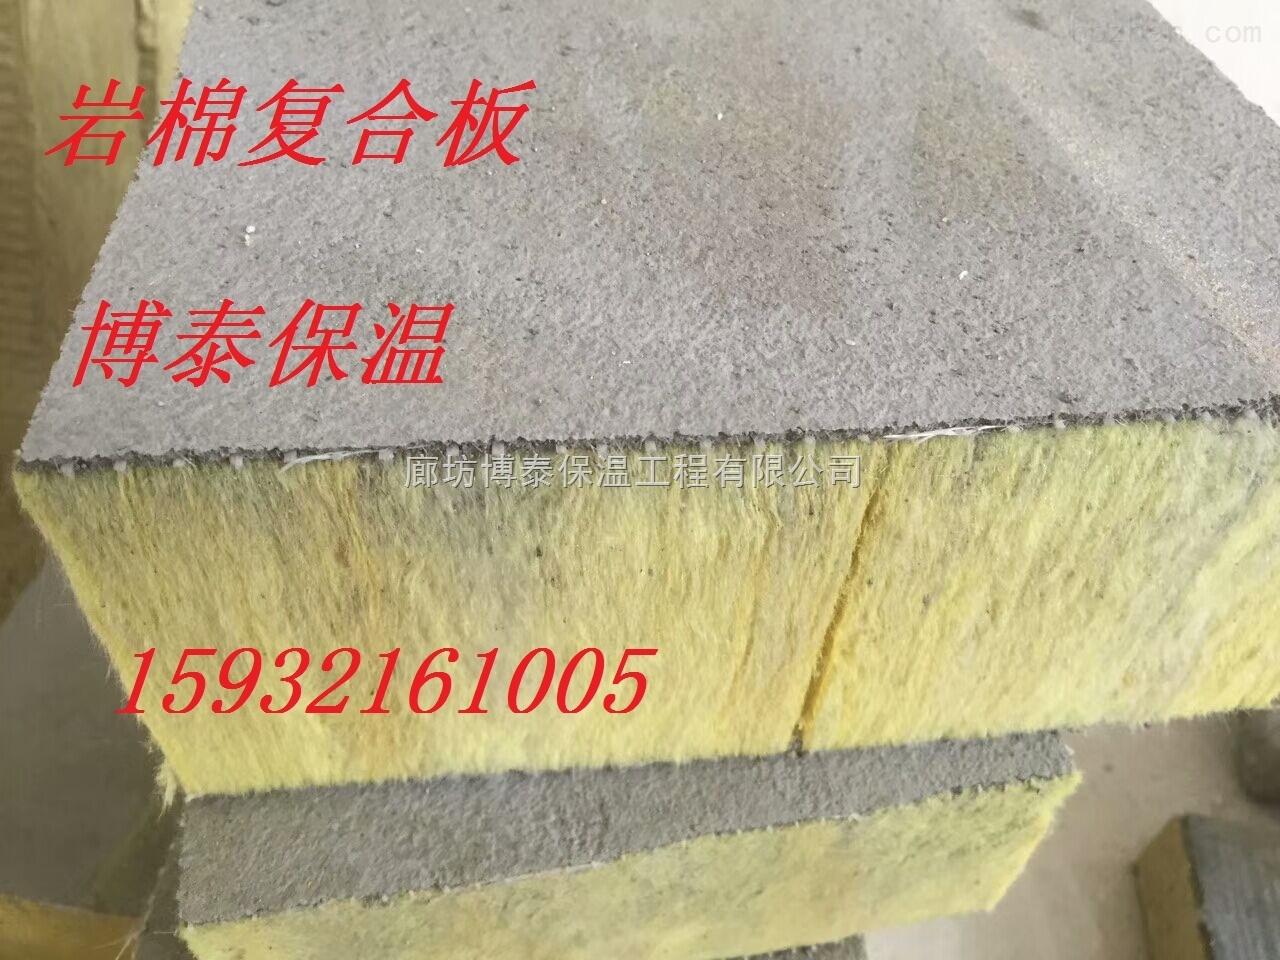 邯郸A级防火外墙保温岩棉复合板